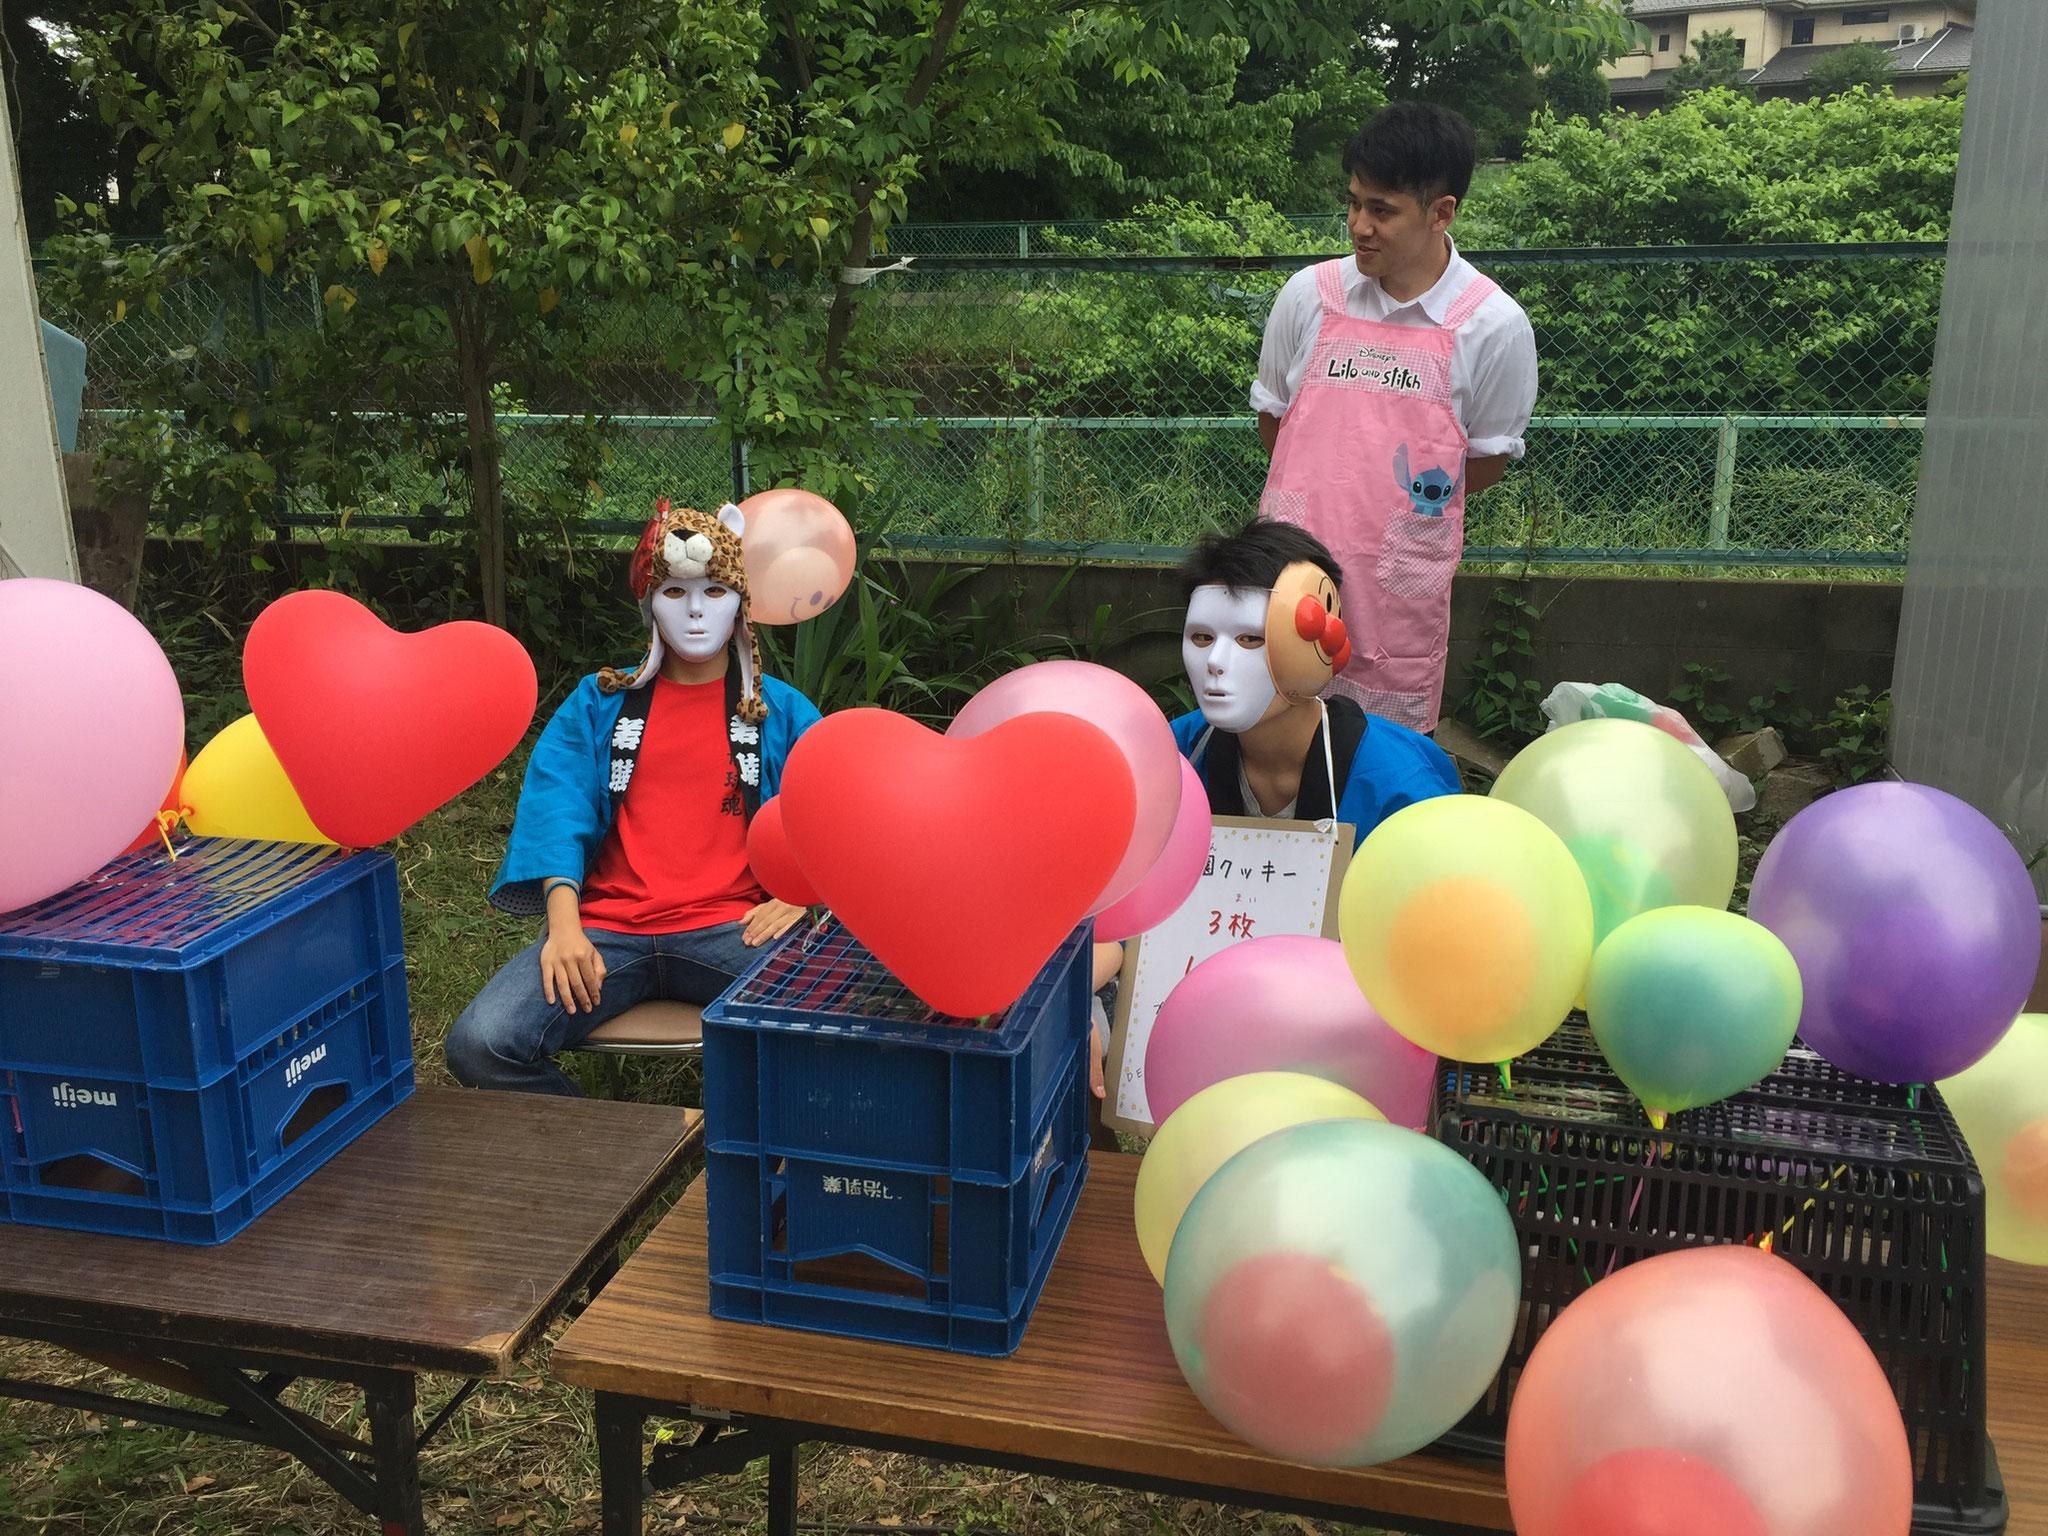 スタンプラリーを終了した子どもには風船をプレゼント!(でもお兄ちゃん達がちょっとこわい・・)